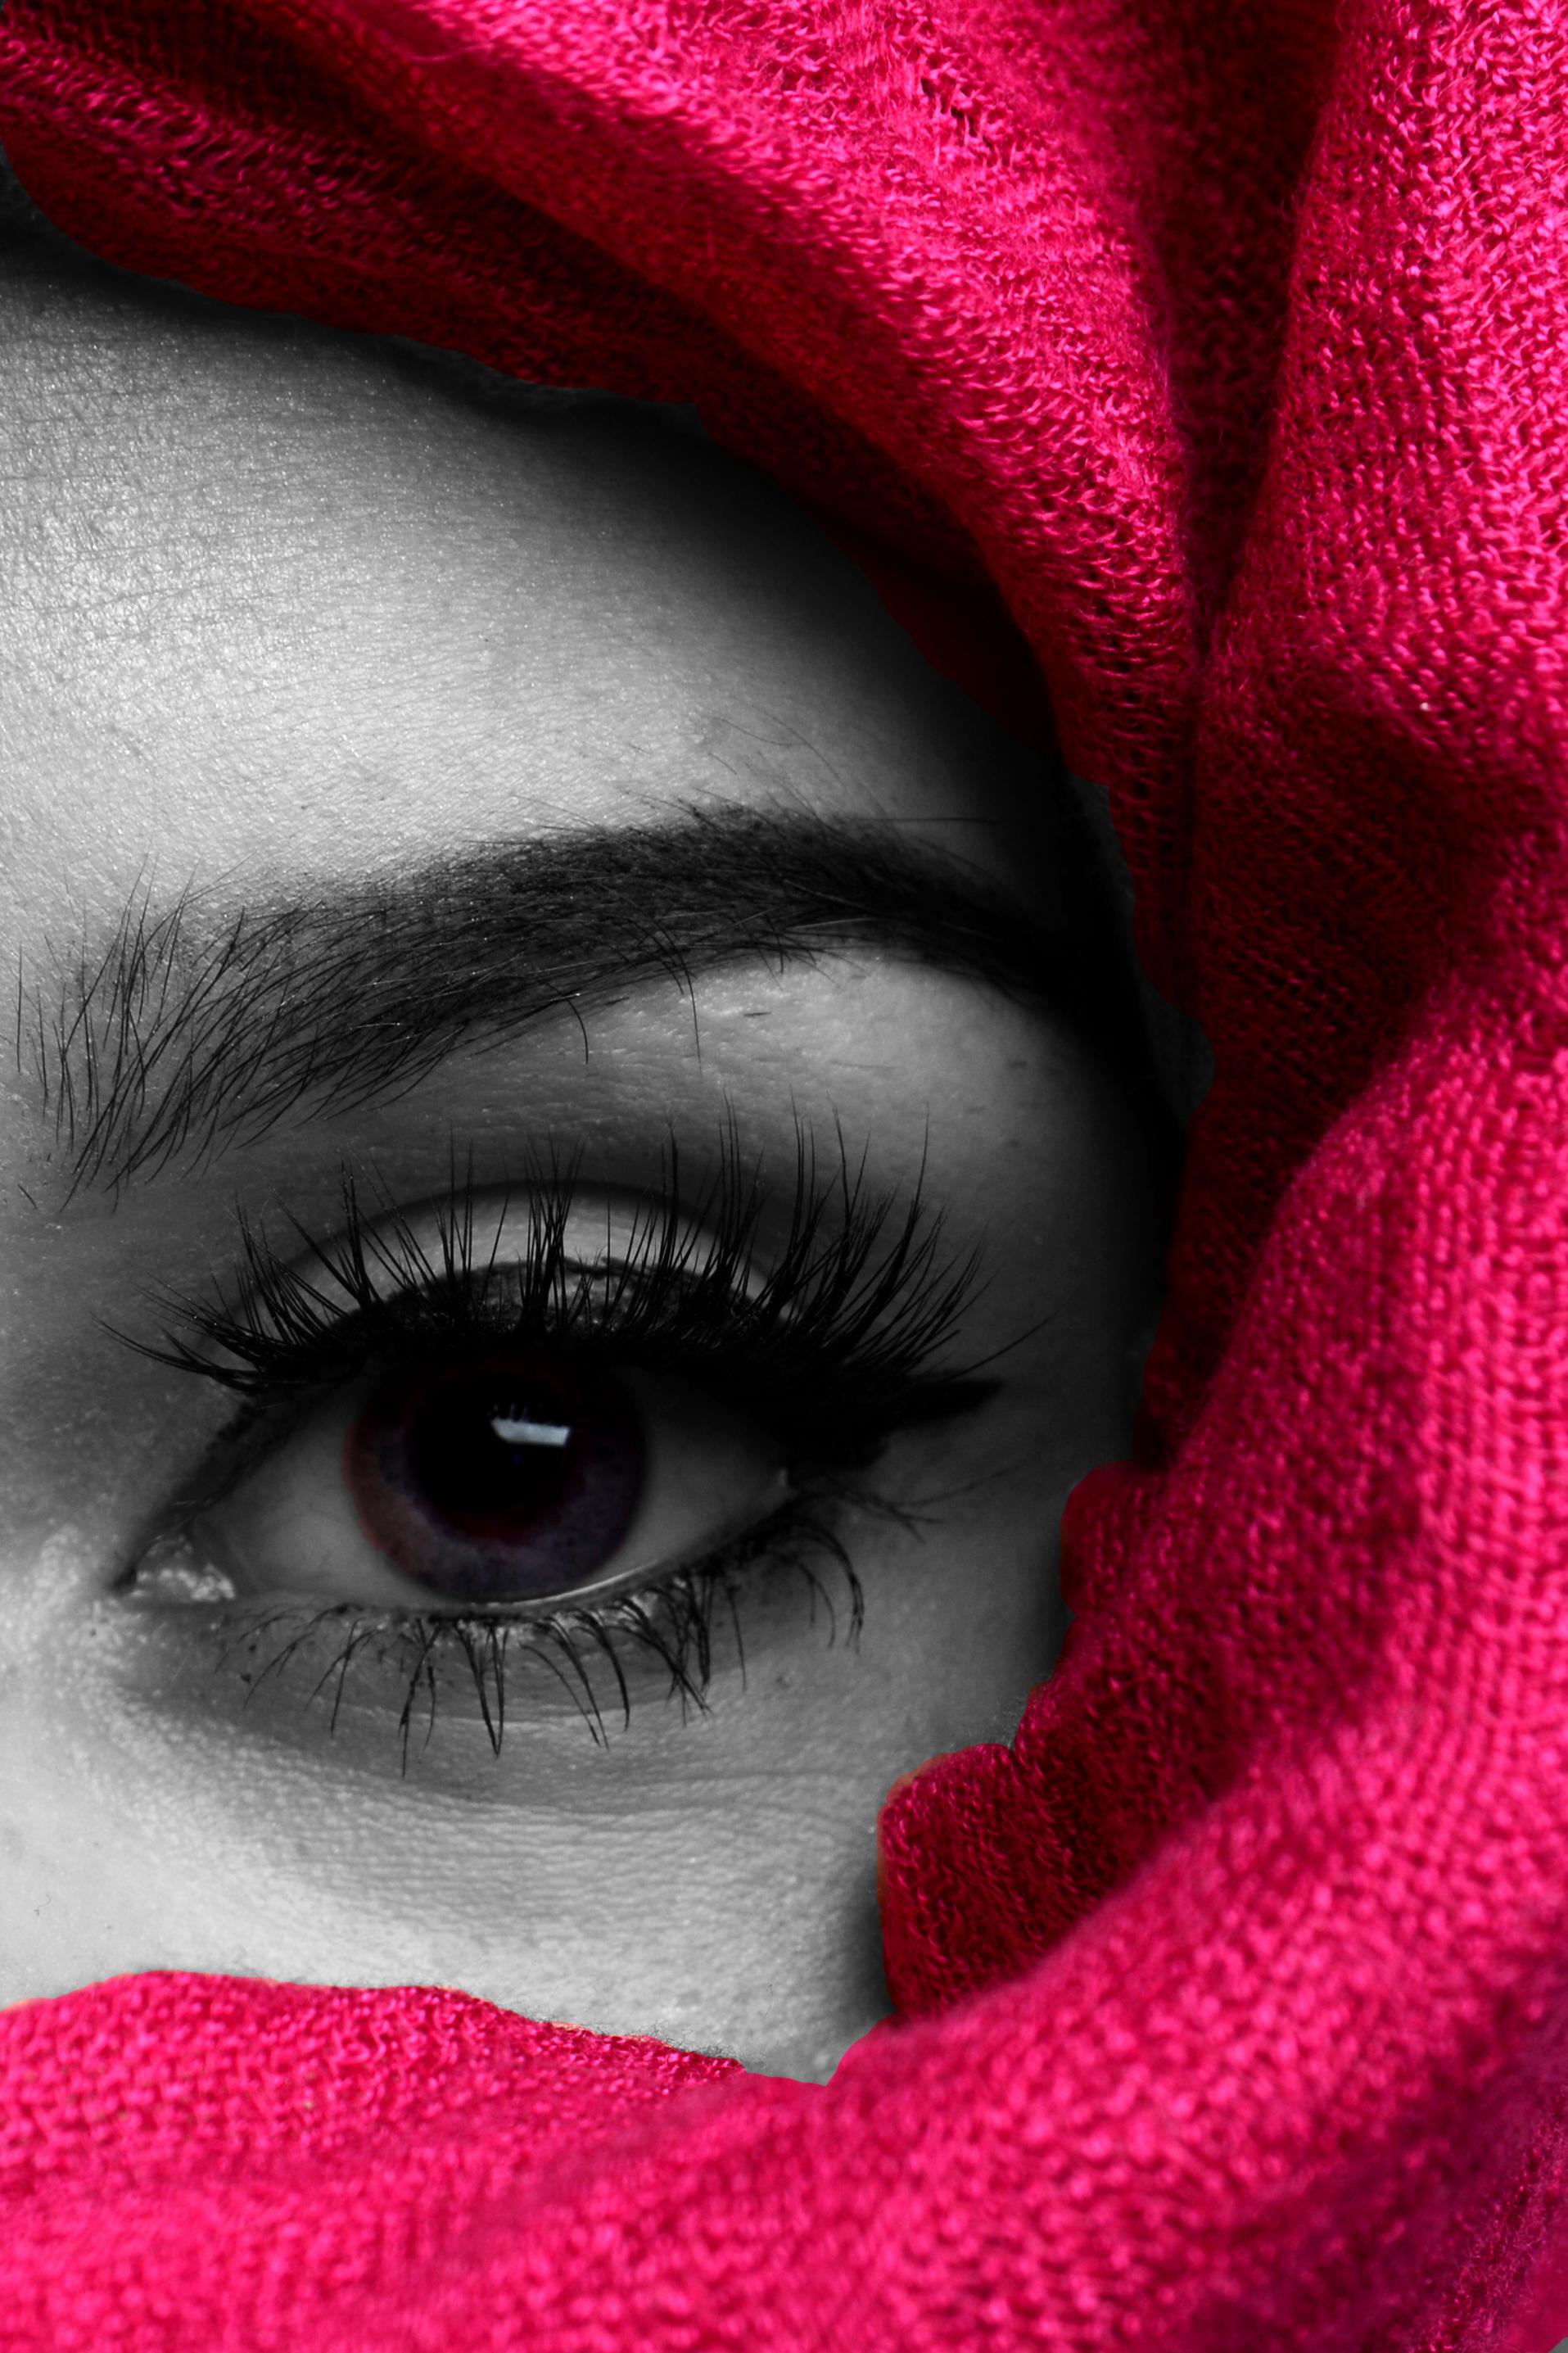 couloued eyes 4.jpg